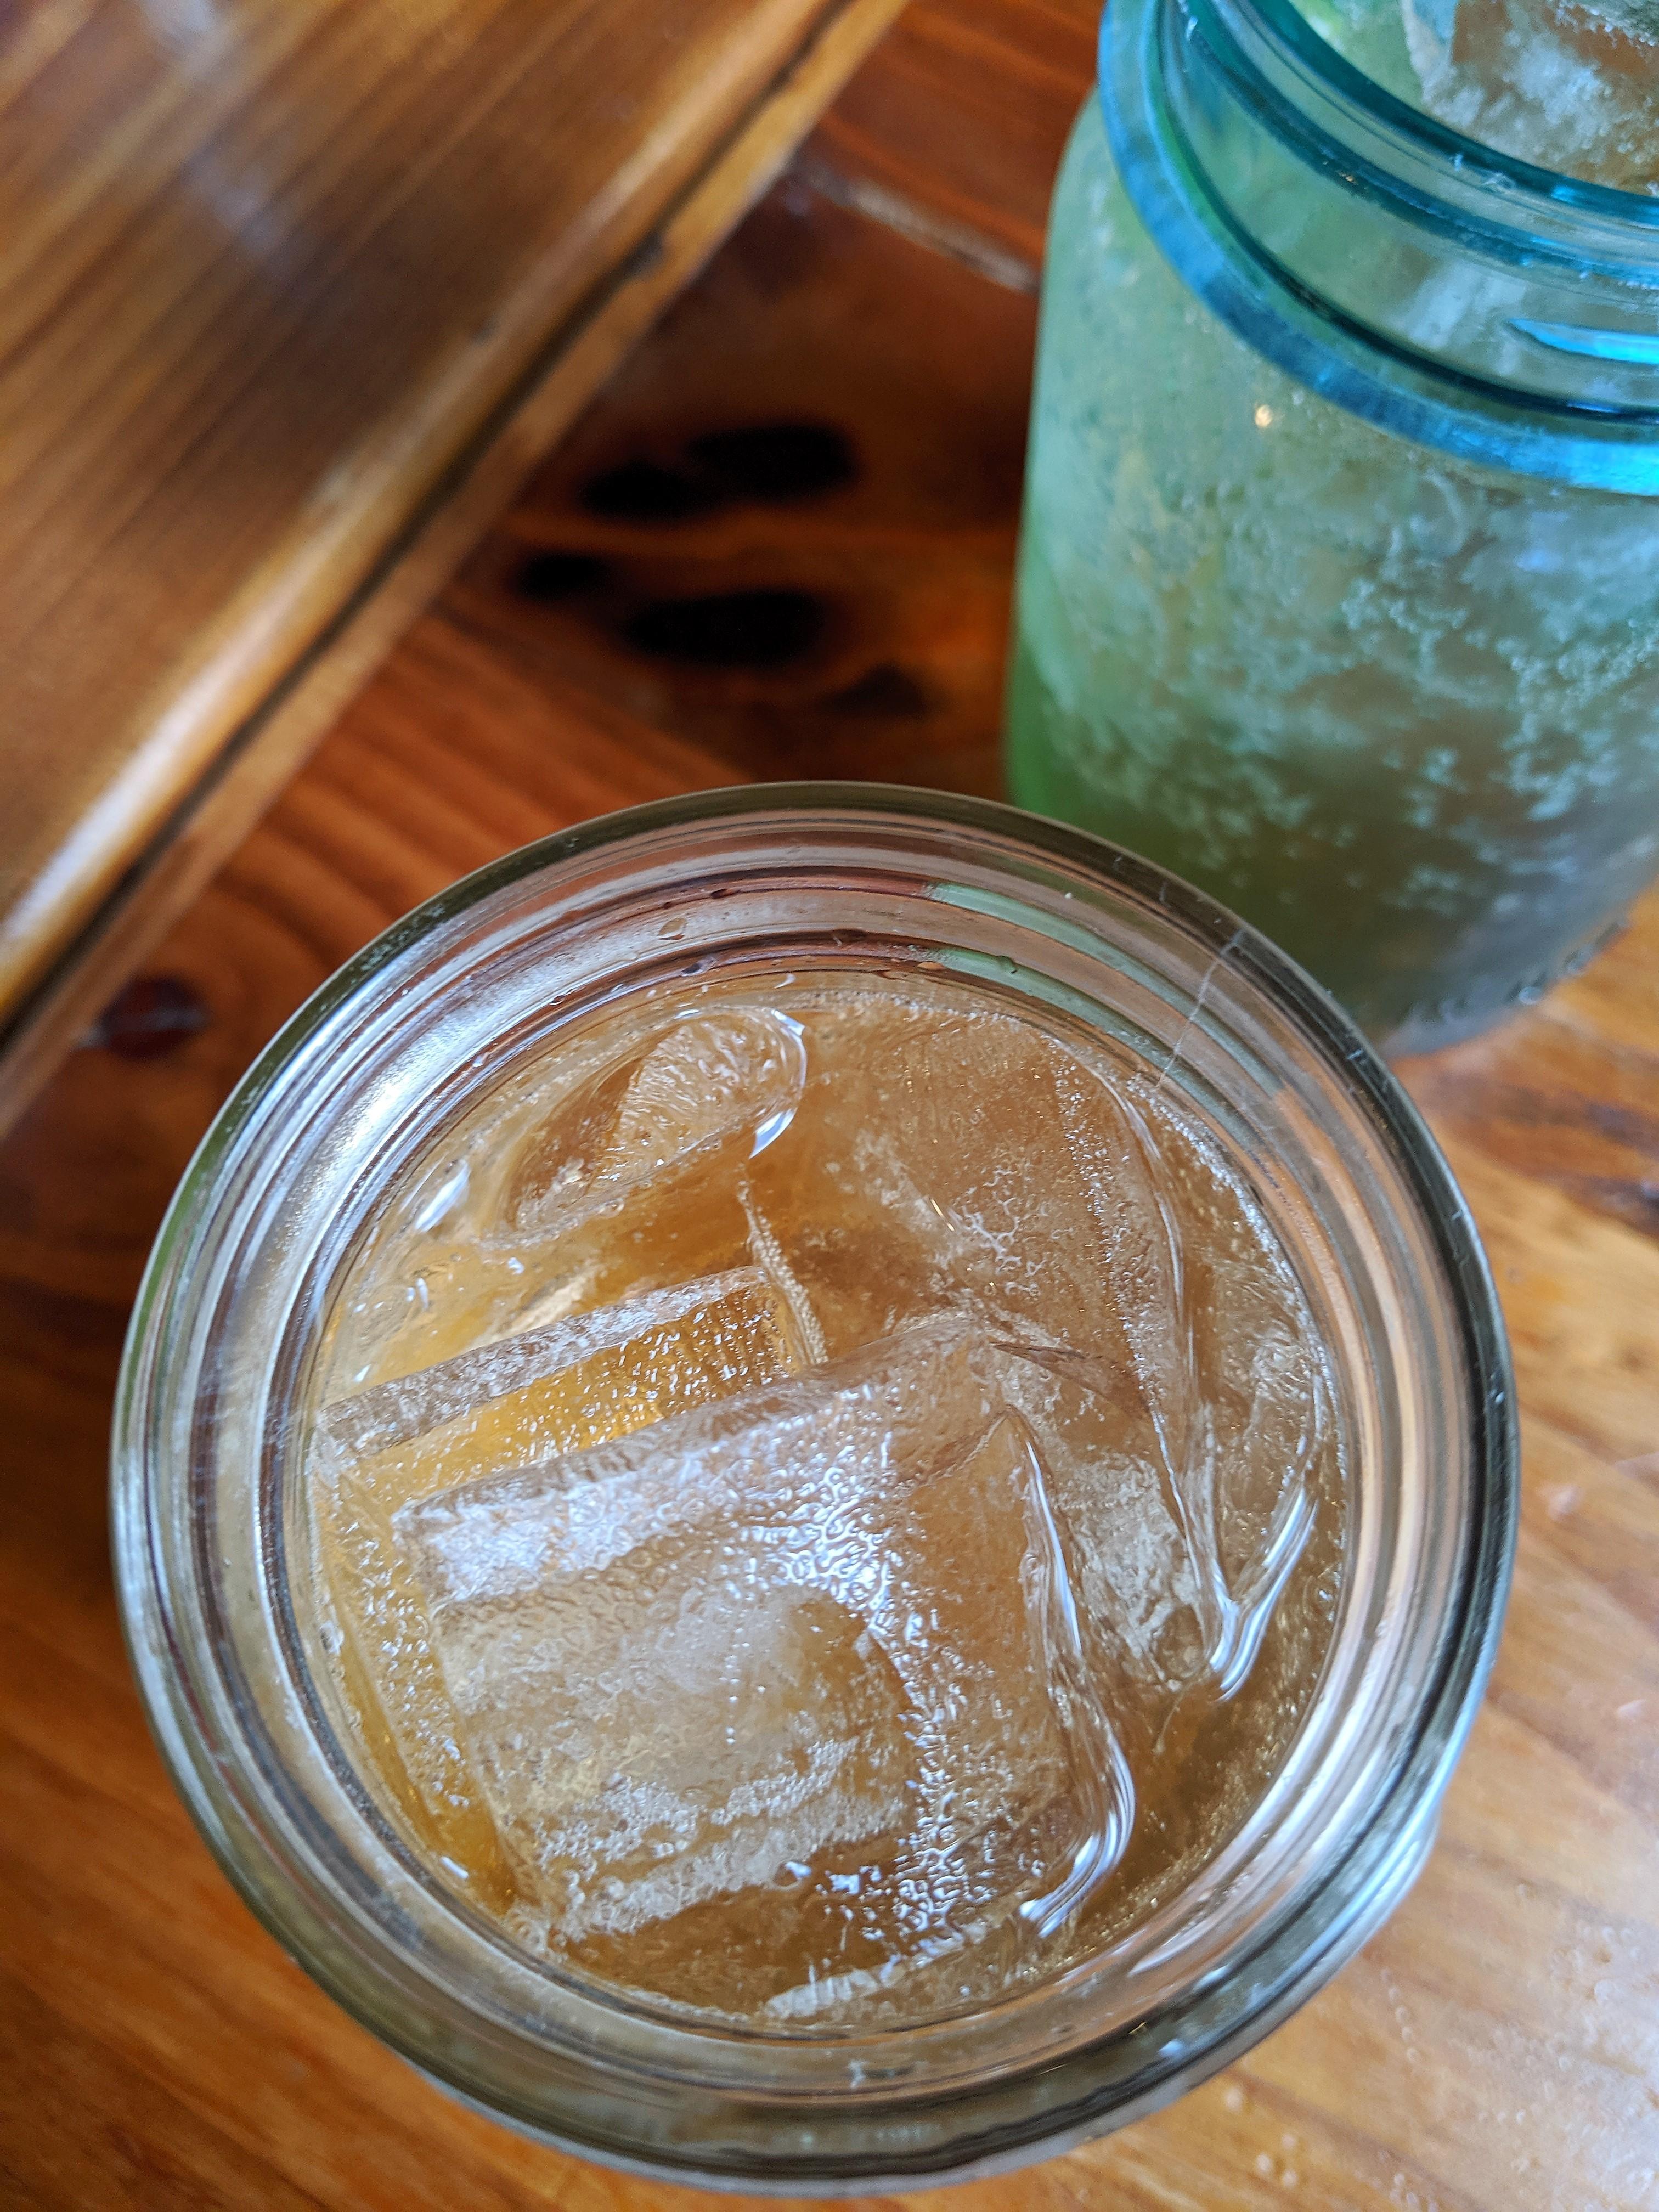 Close up shot of ginger ale